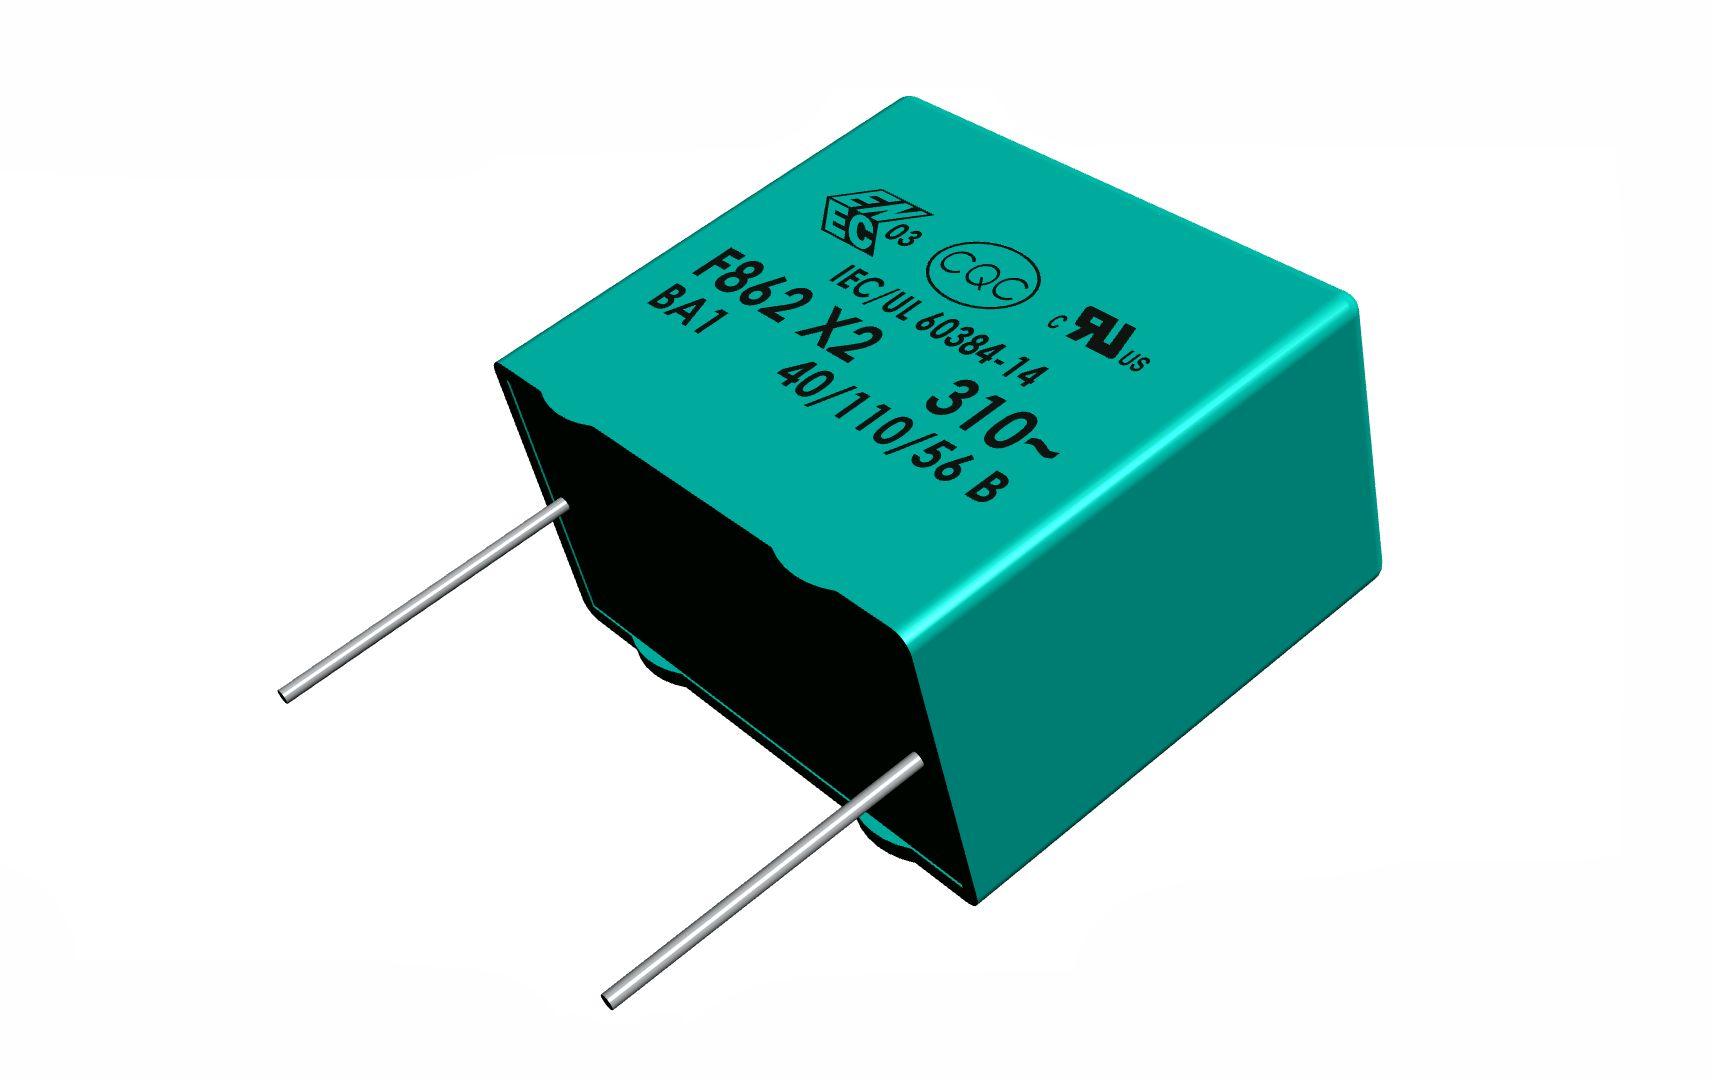 X2 kondenzátor 1,2uF 310VAC 10% RM-22.5 C 1U2 AC310 X2 22